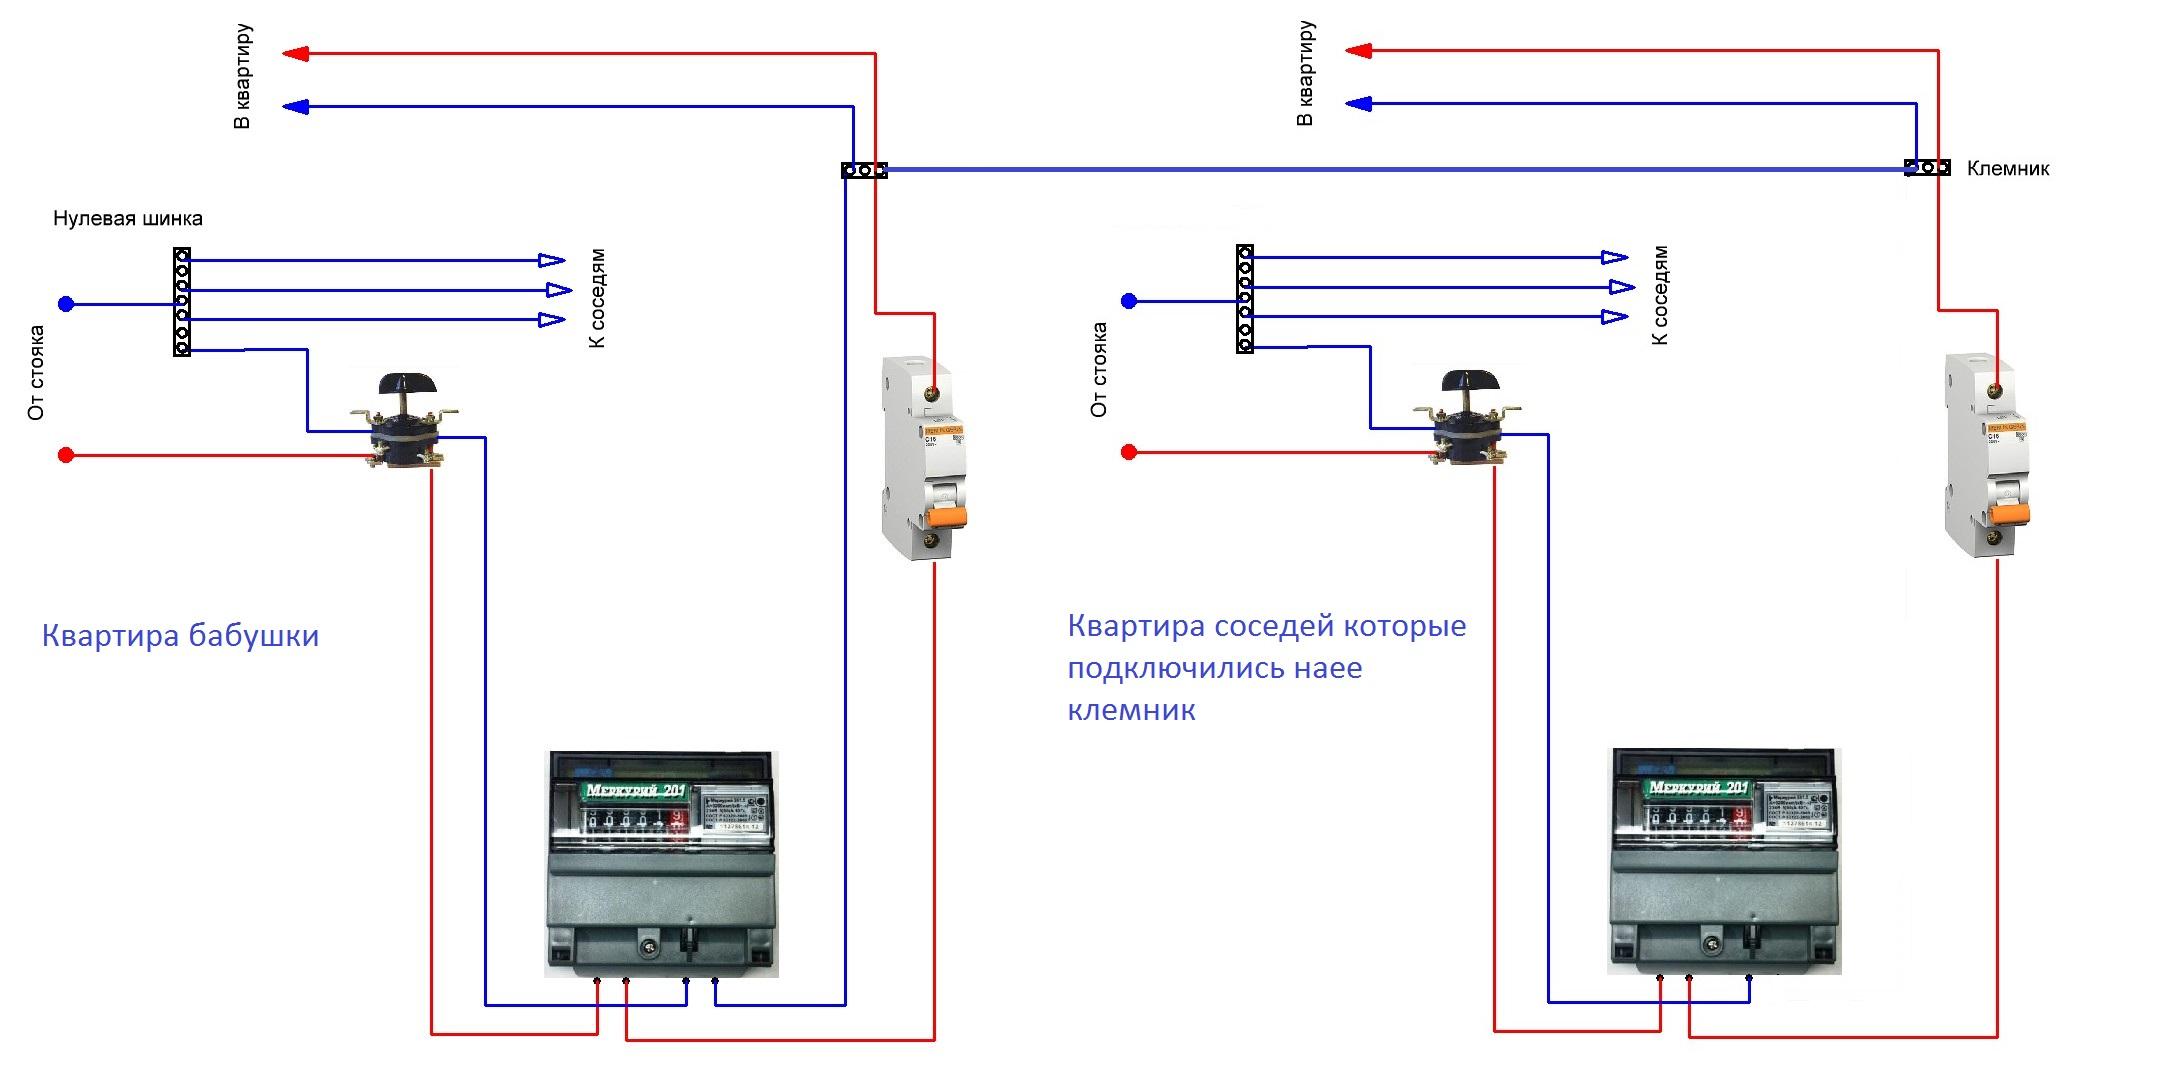 Счетчик бытовой электронный схема подключения